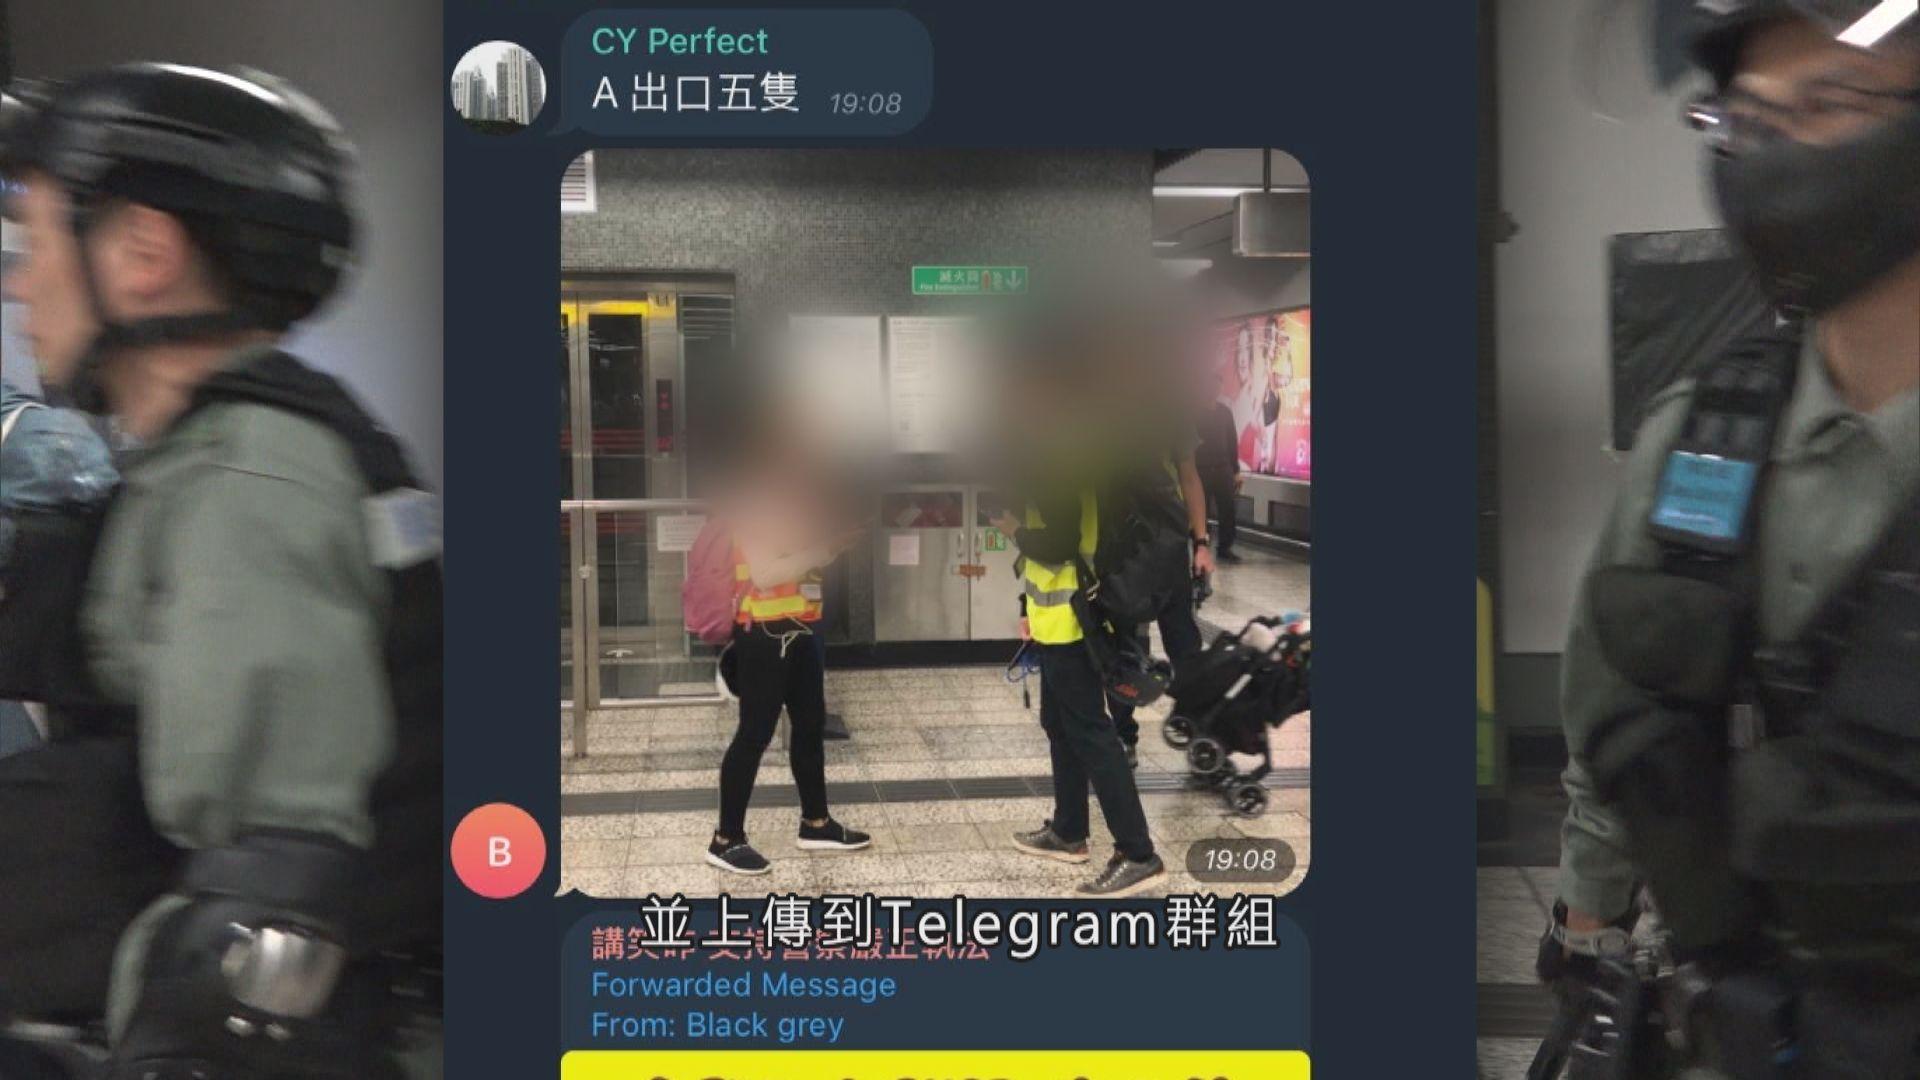 警方否認警員拍攝記者並上傳到Telegram群組